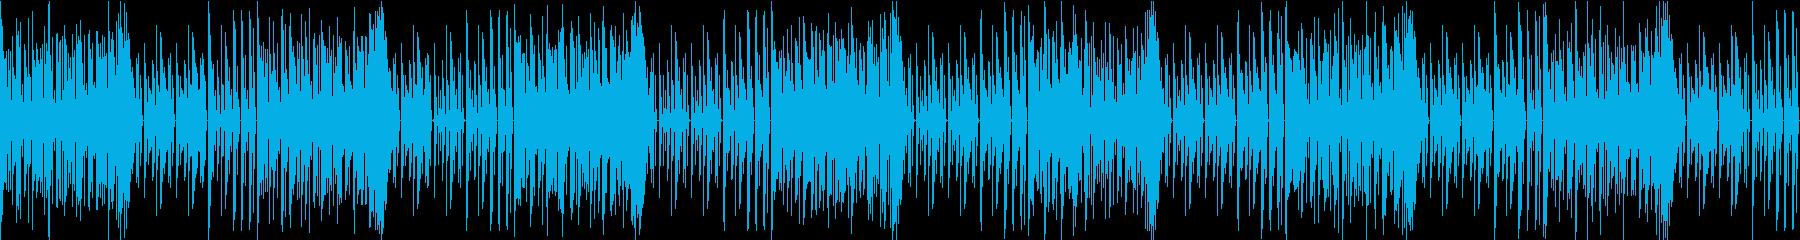 シンキングタイム♪〜RPG風〜【ループ】の再生済みの波形